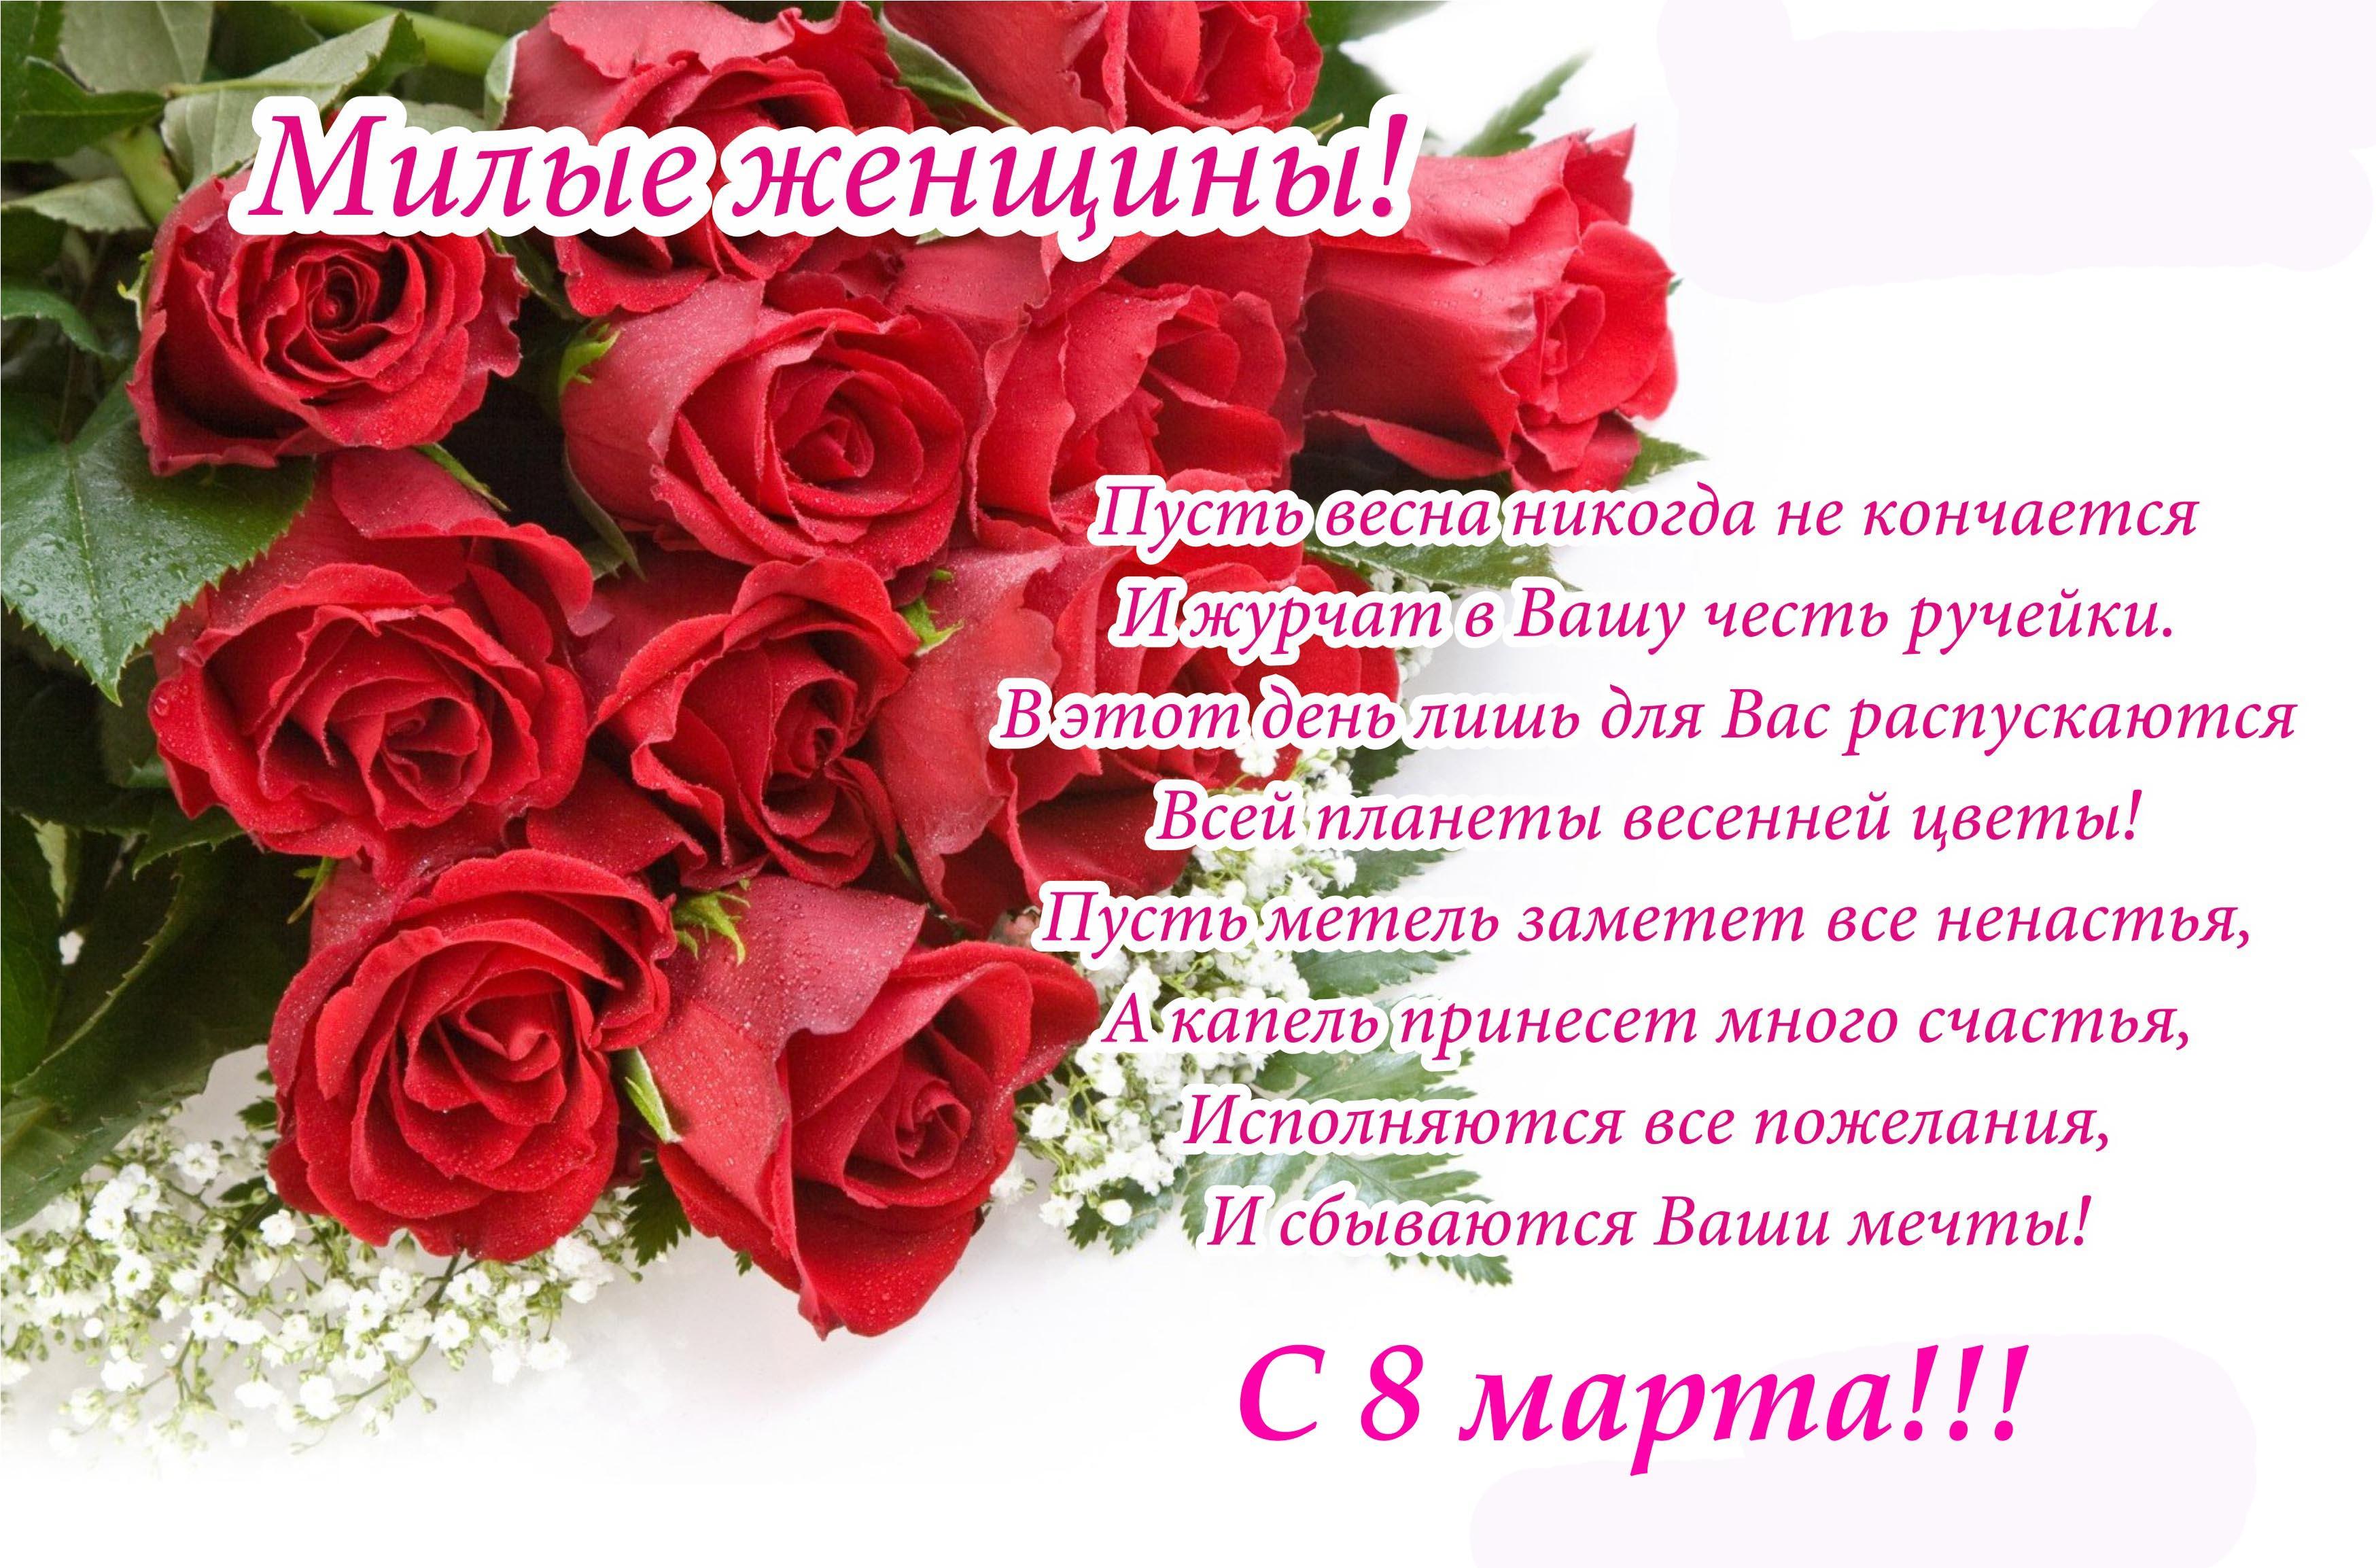 Красивые поздравления в женским днем